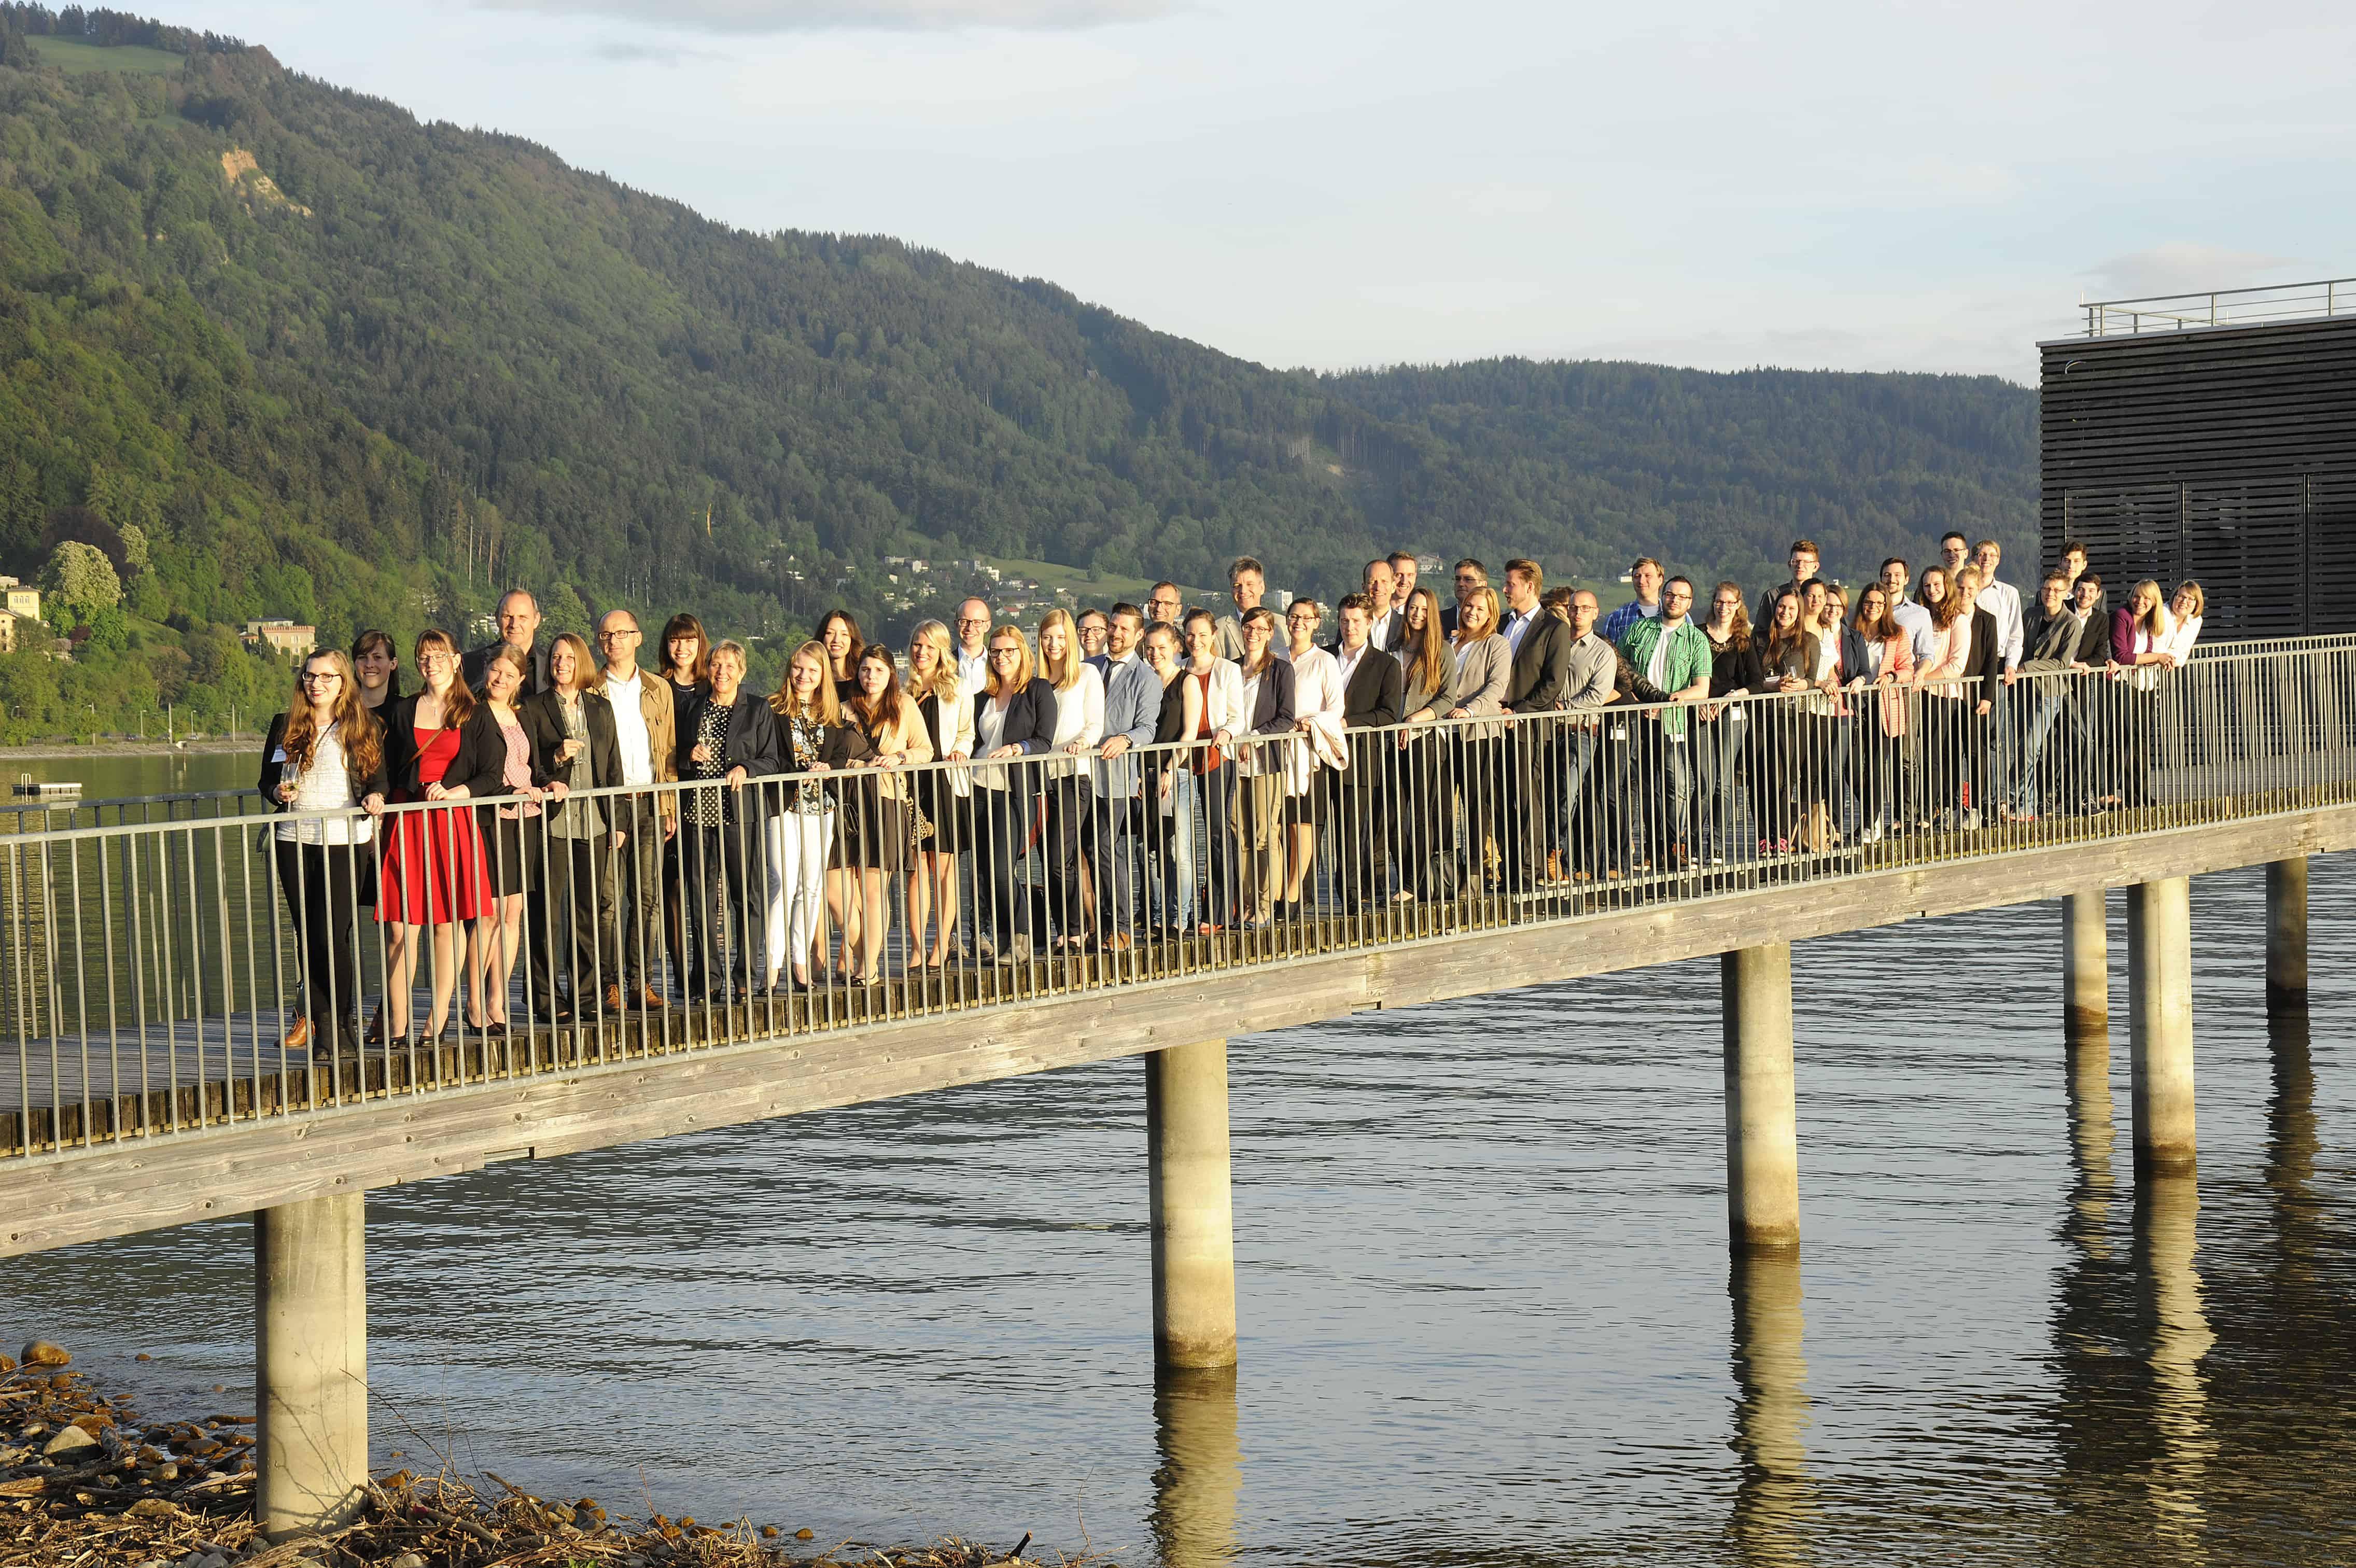 Gruppenbild der Teilnehmer des 10. TANNER-Hochschulwettbewerbs